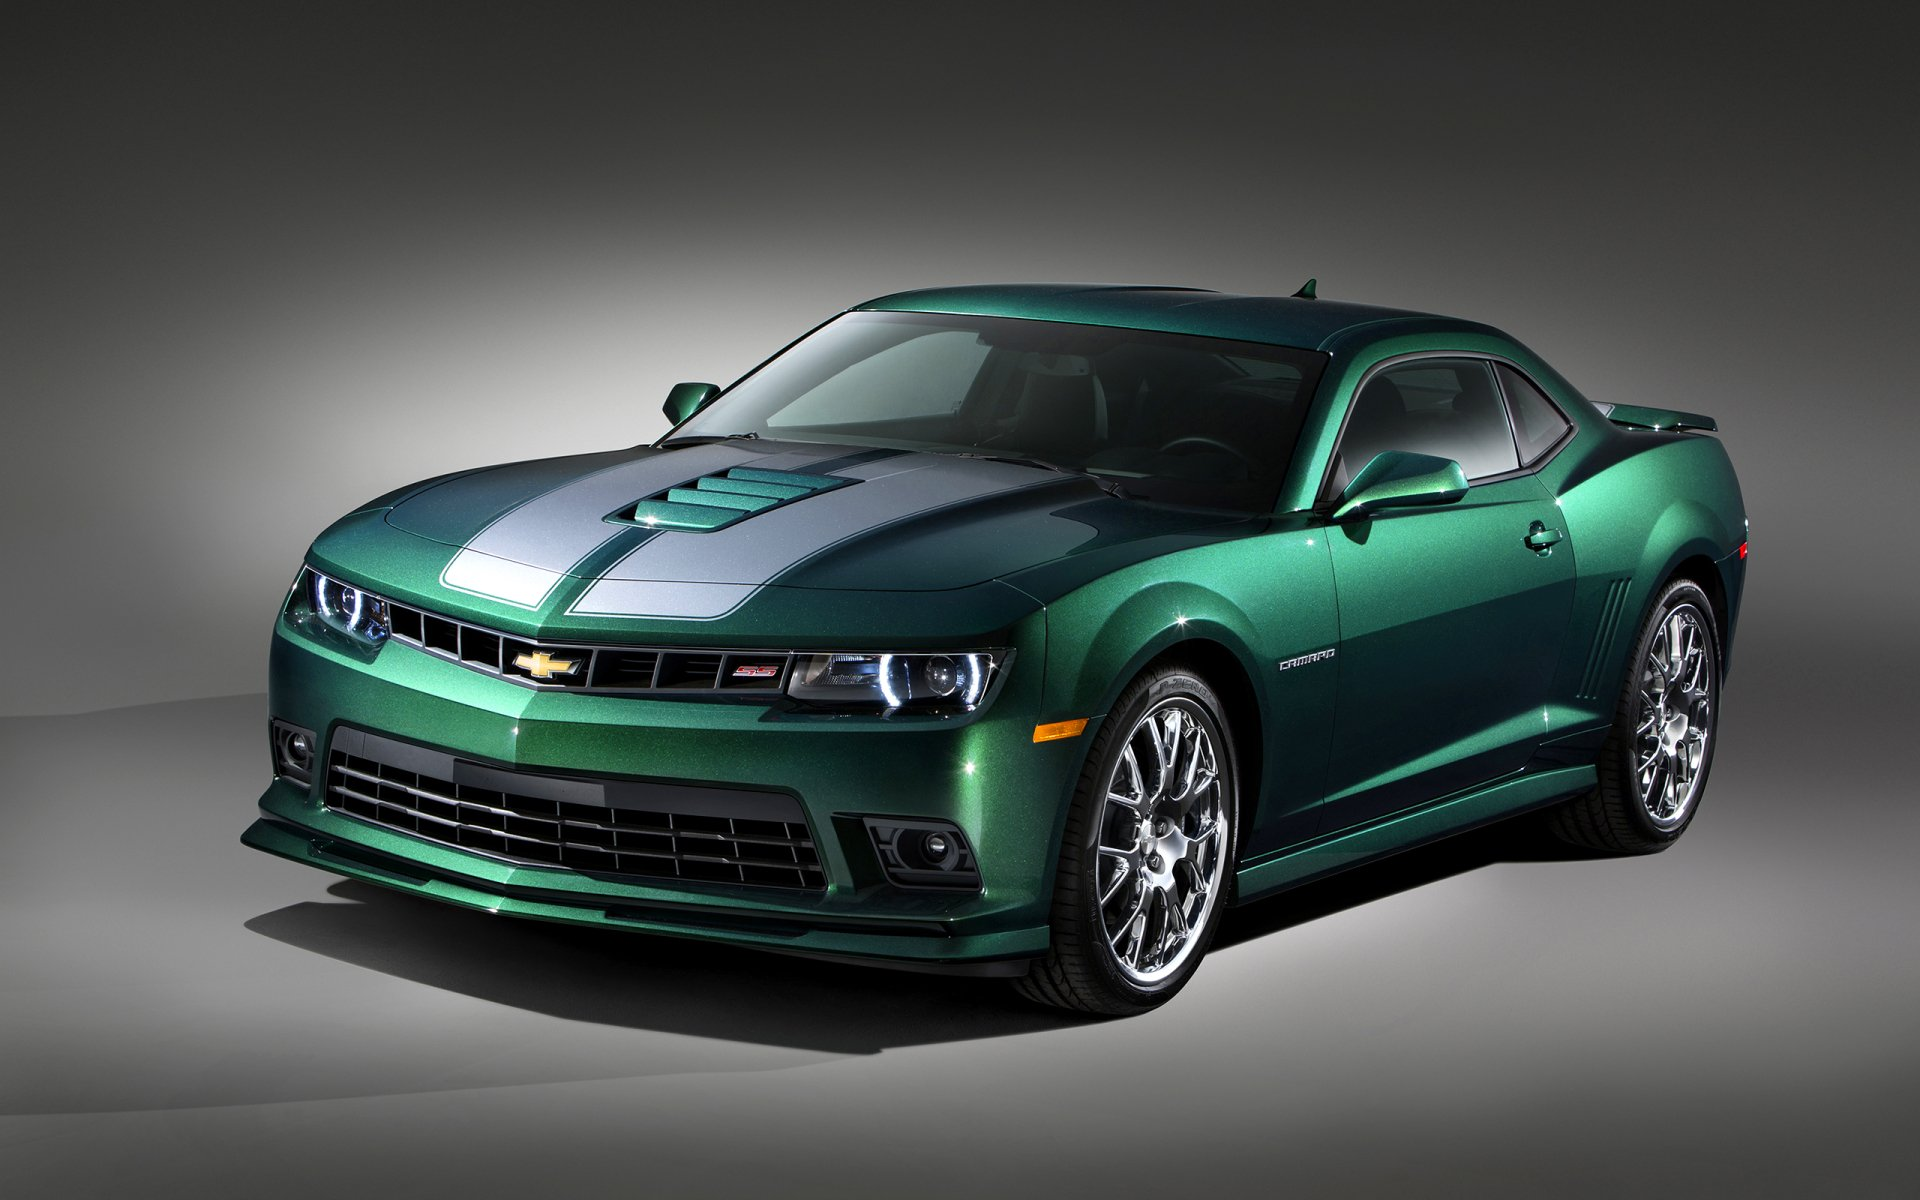 座驾 - 雪佛兰科迈罗  雪佛兰 Green Car Muscle Car 汽车 交通工具 壁纸